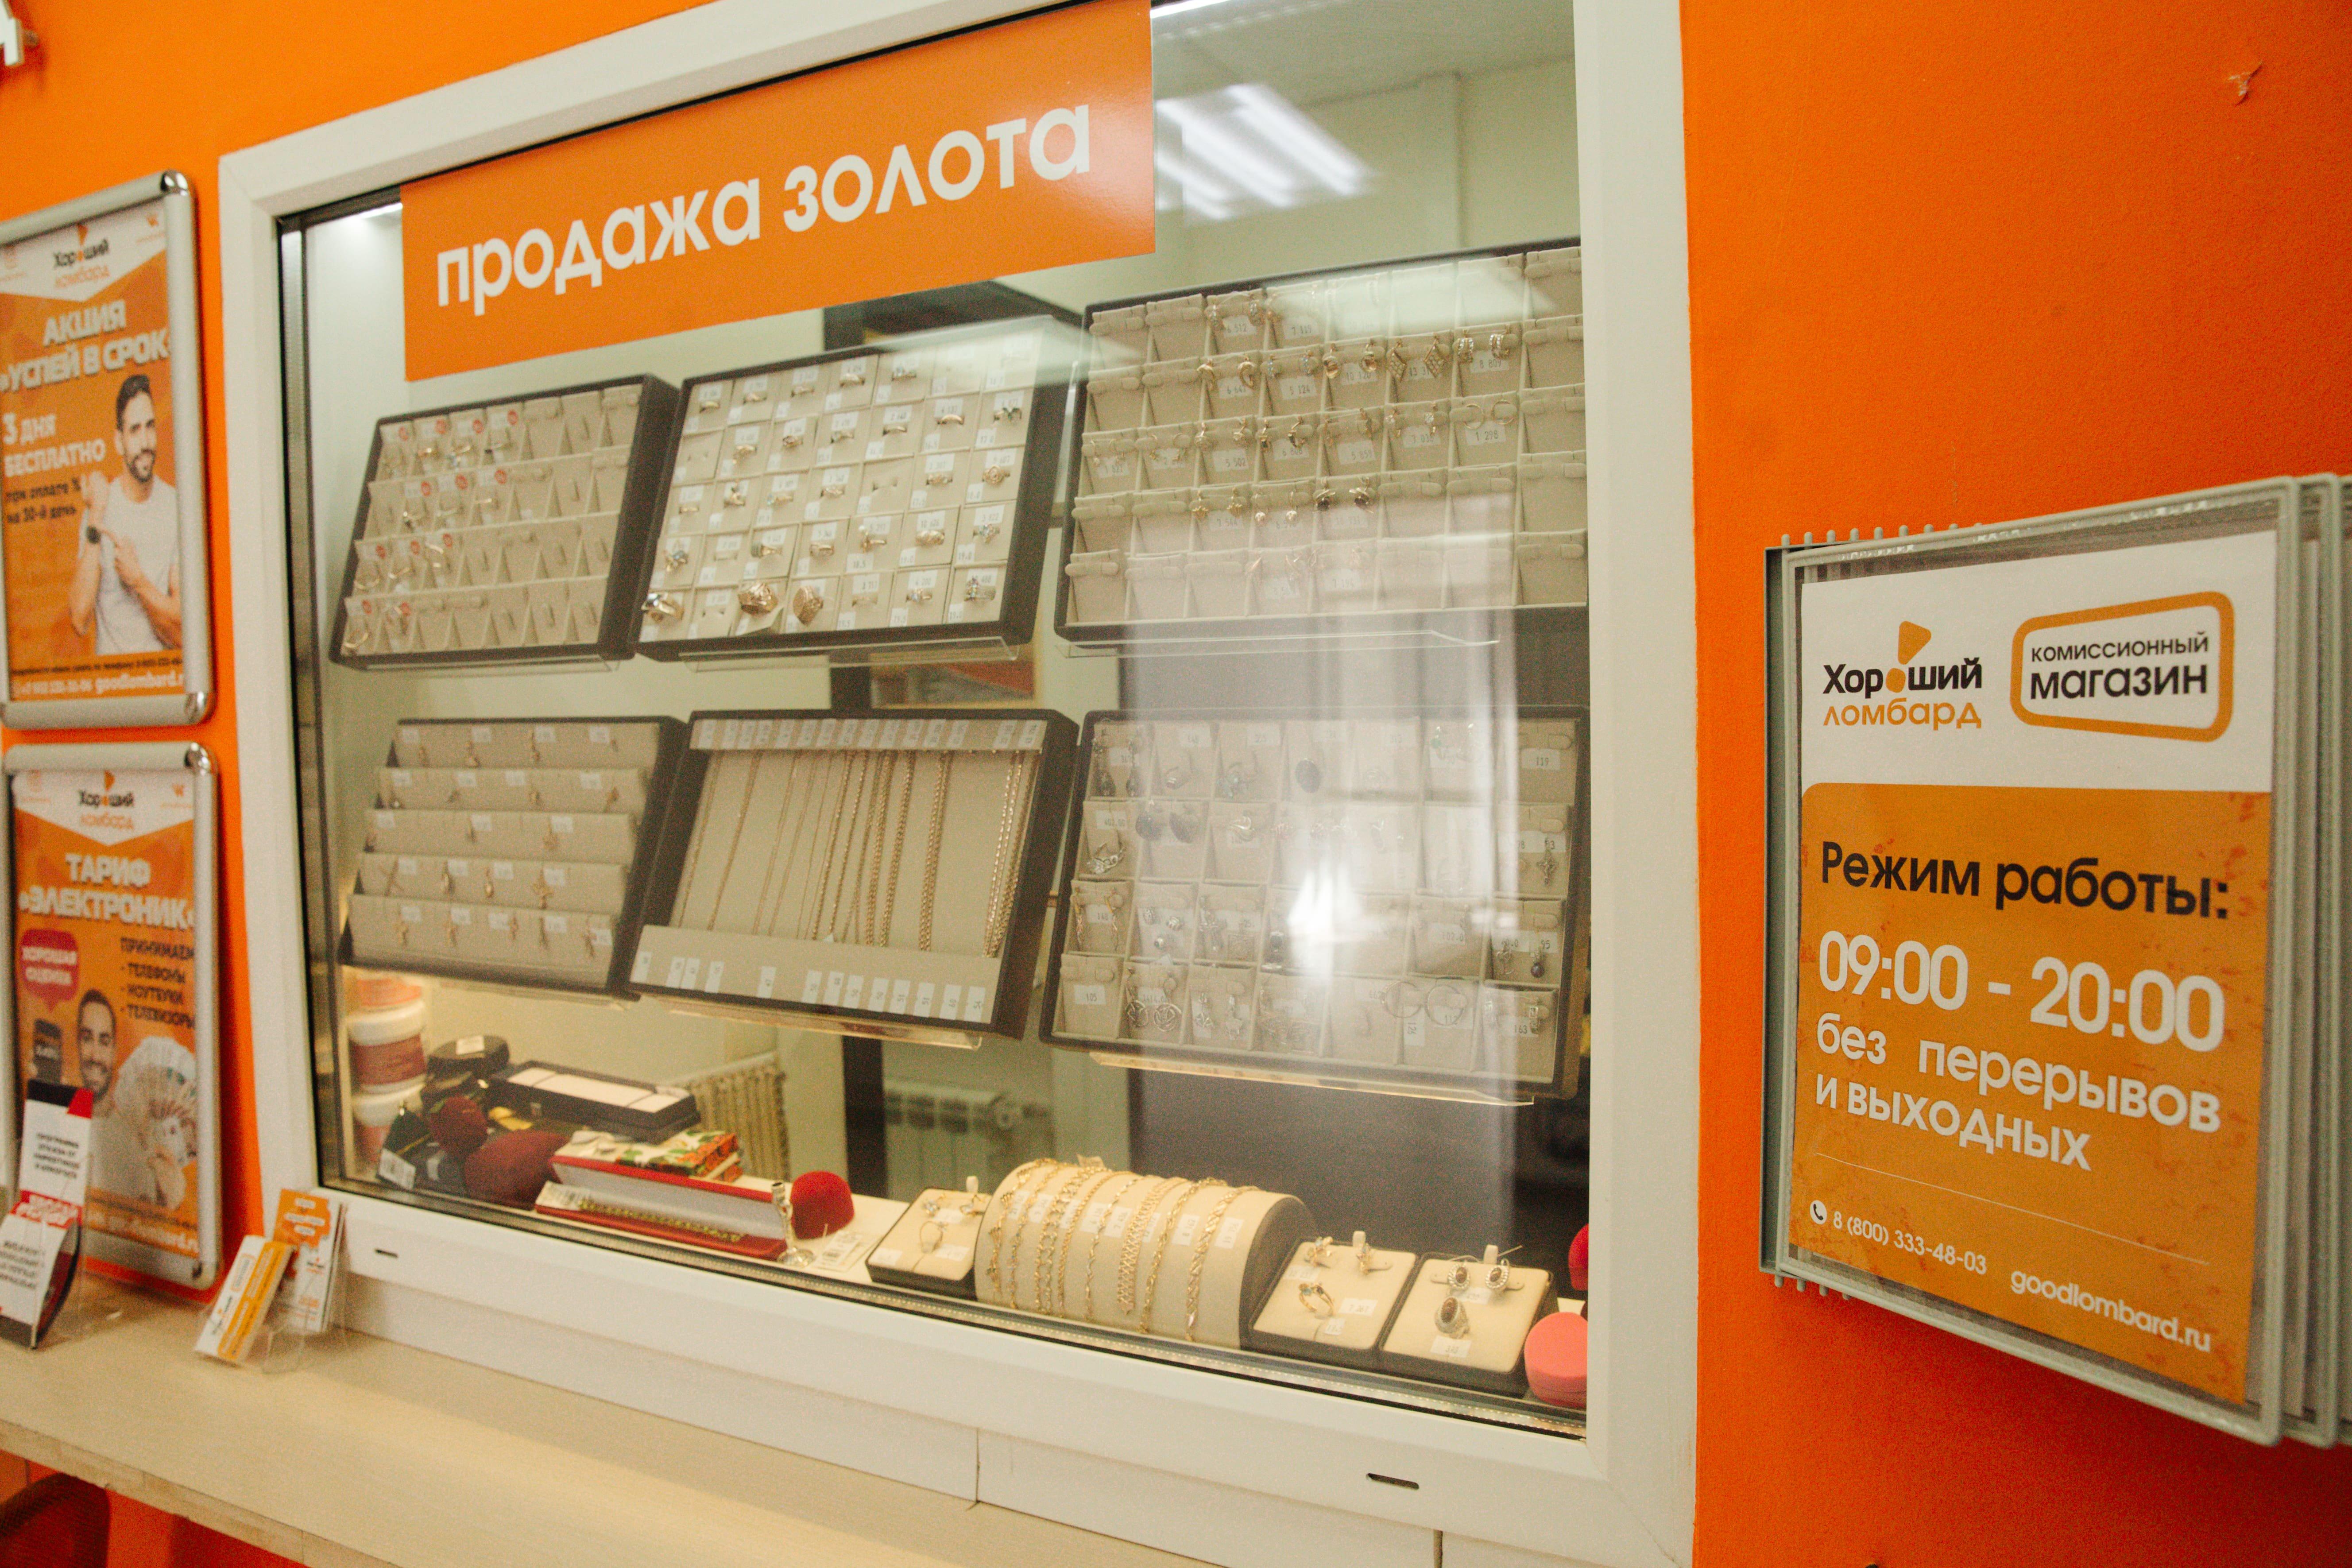 Прокопьевске работы в ломбарды часы часов старых стоимость